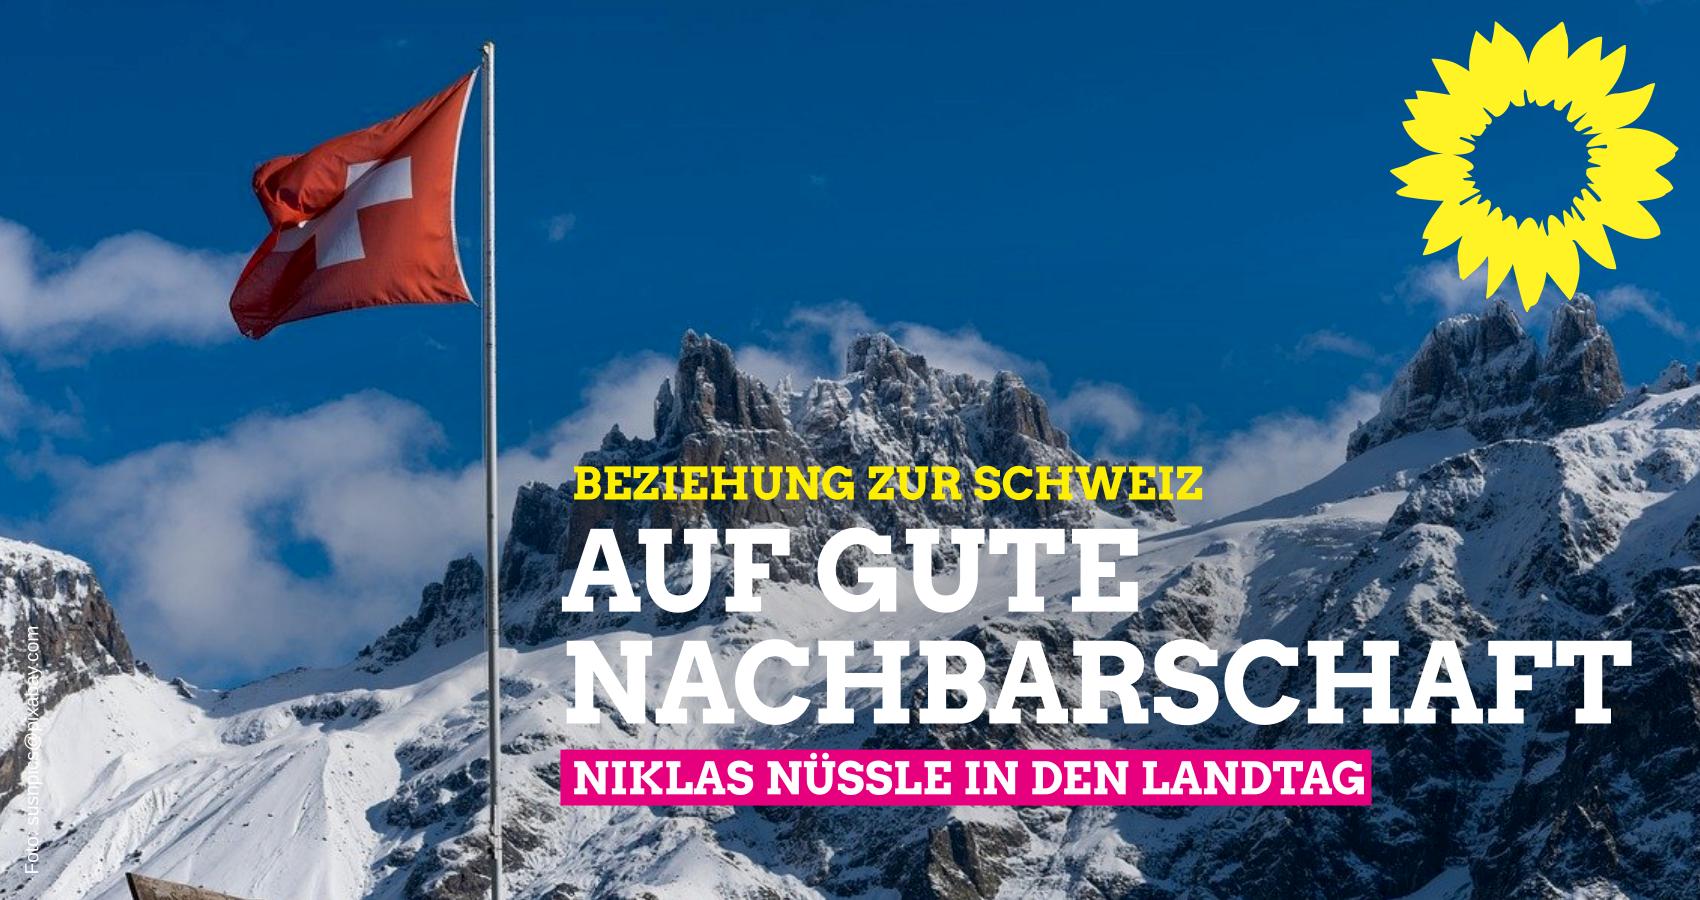 Beziehung zur Schweiz: Auf gute Nachbarschaft